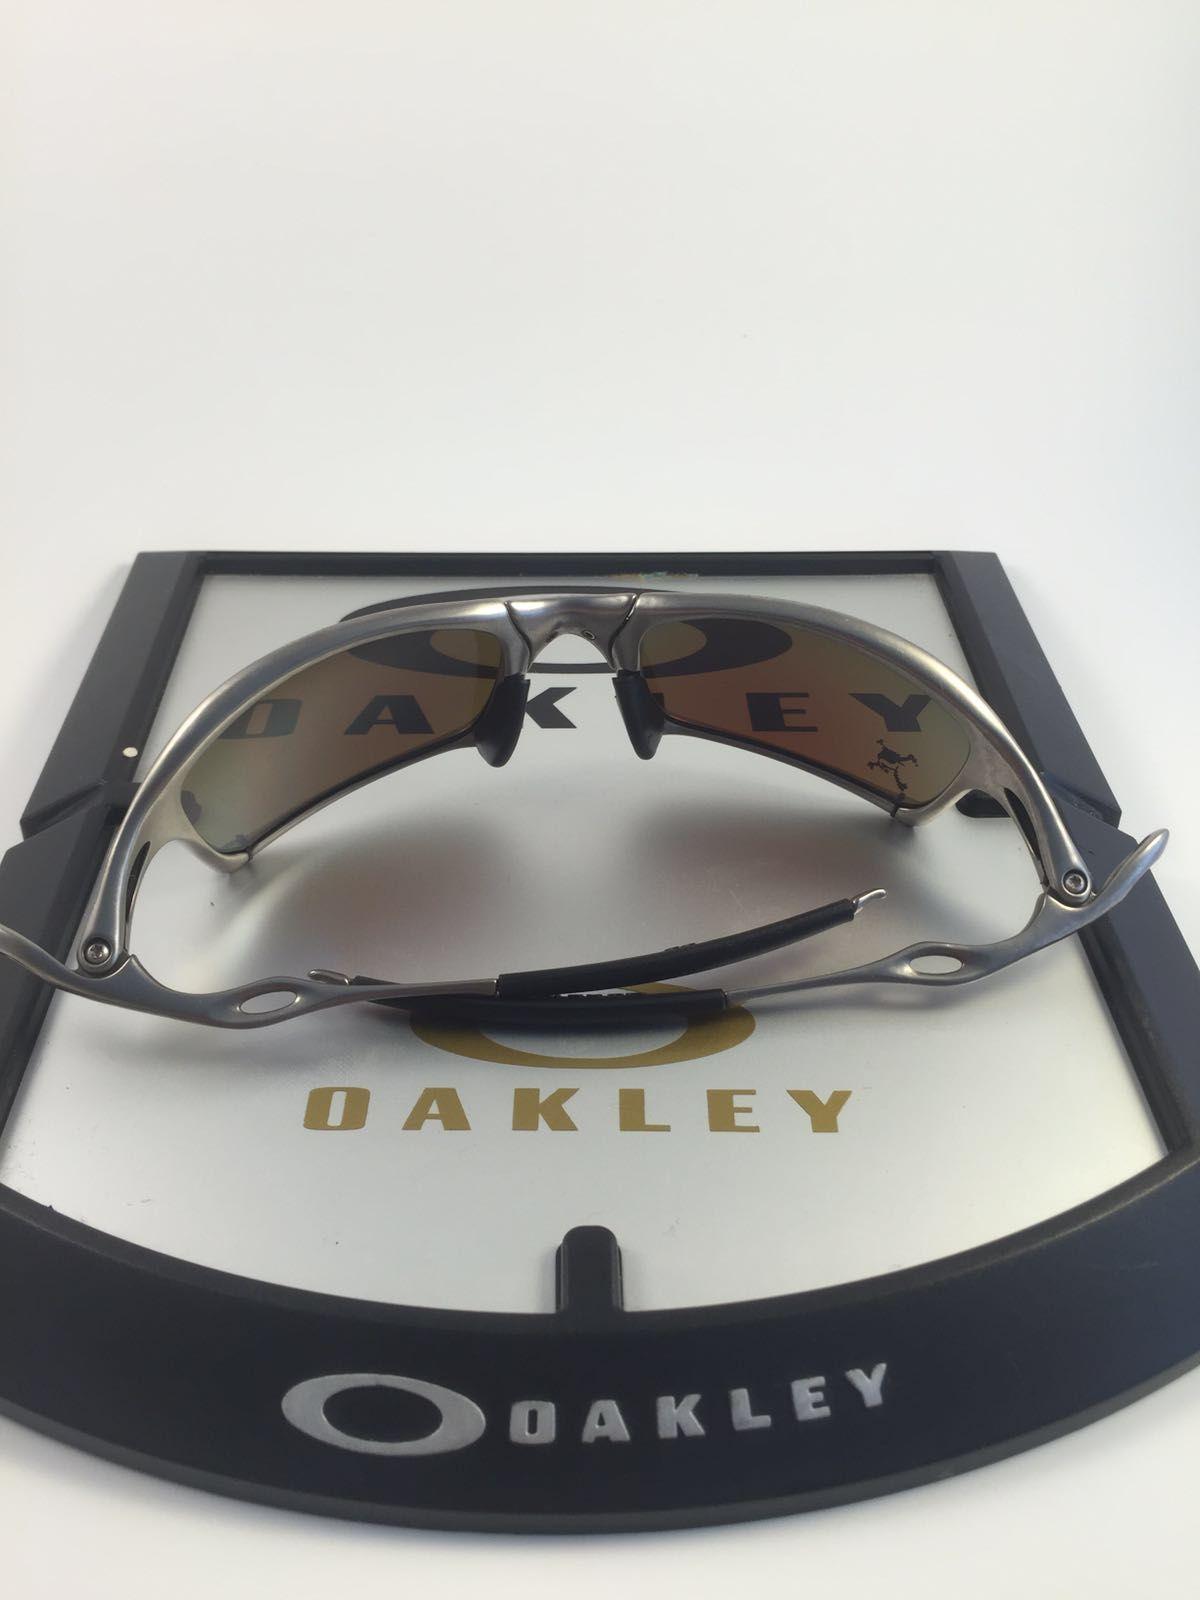 oakley x squared plasma - 7210a5dd-ffe7-4141-b889-bf3a150cb8fc.jpeg